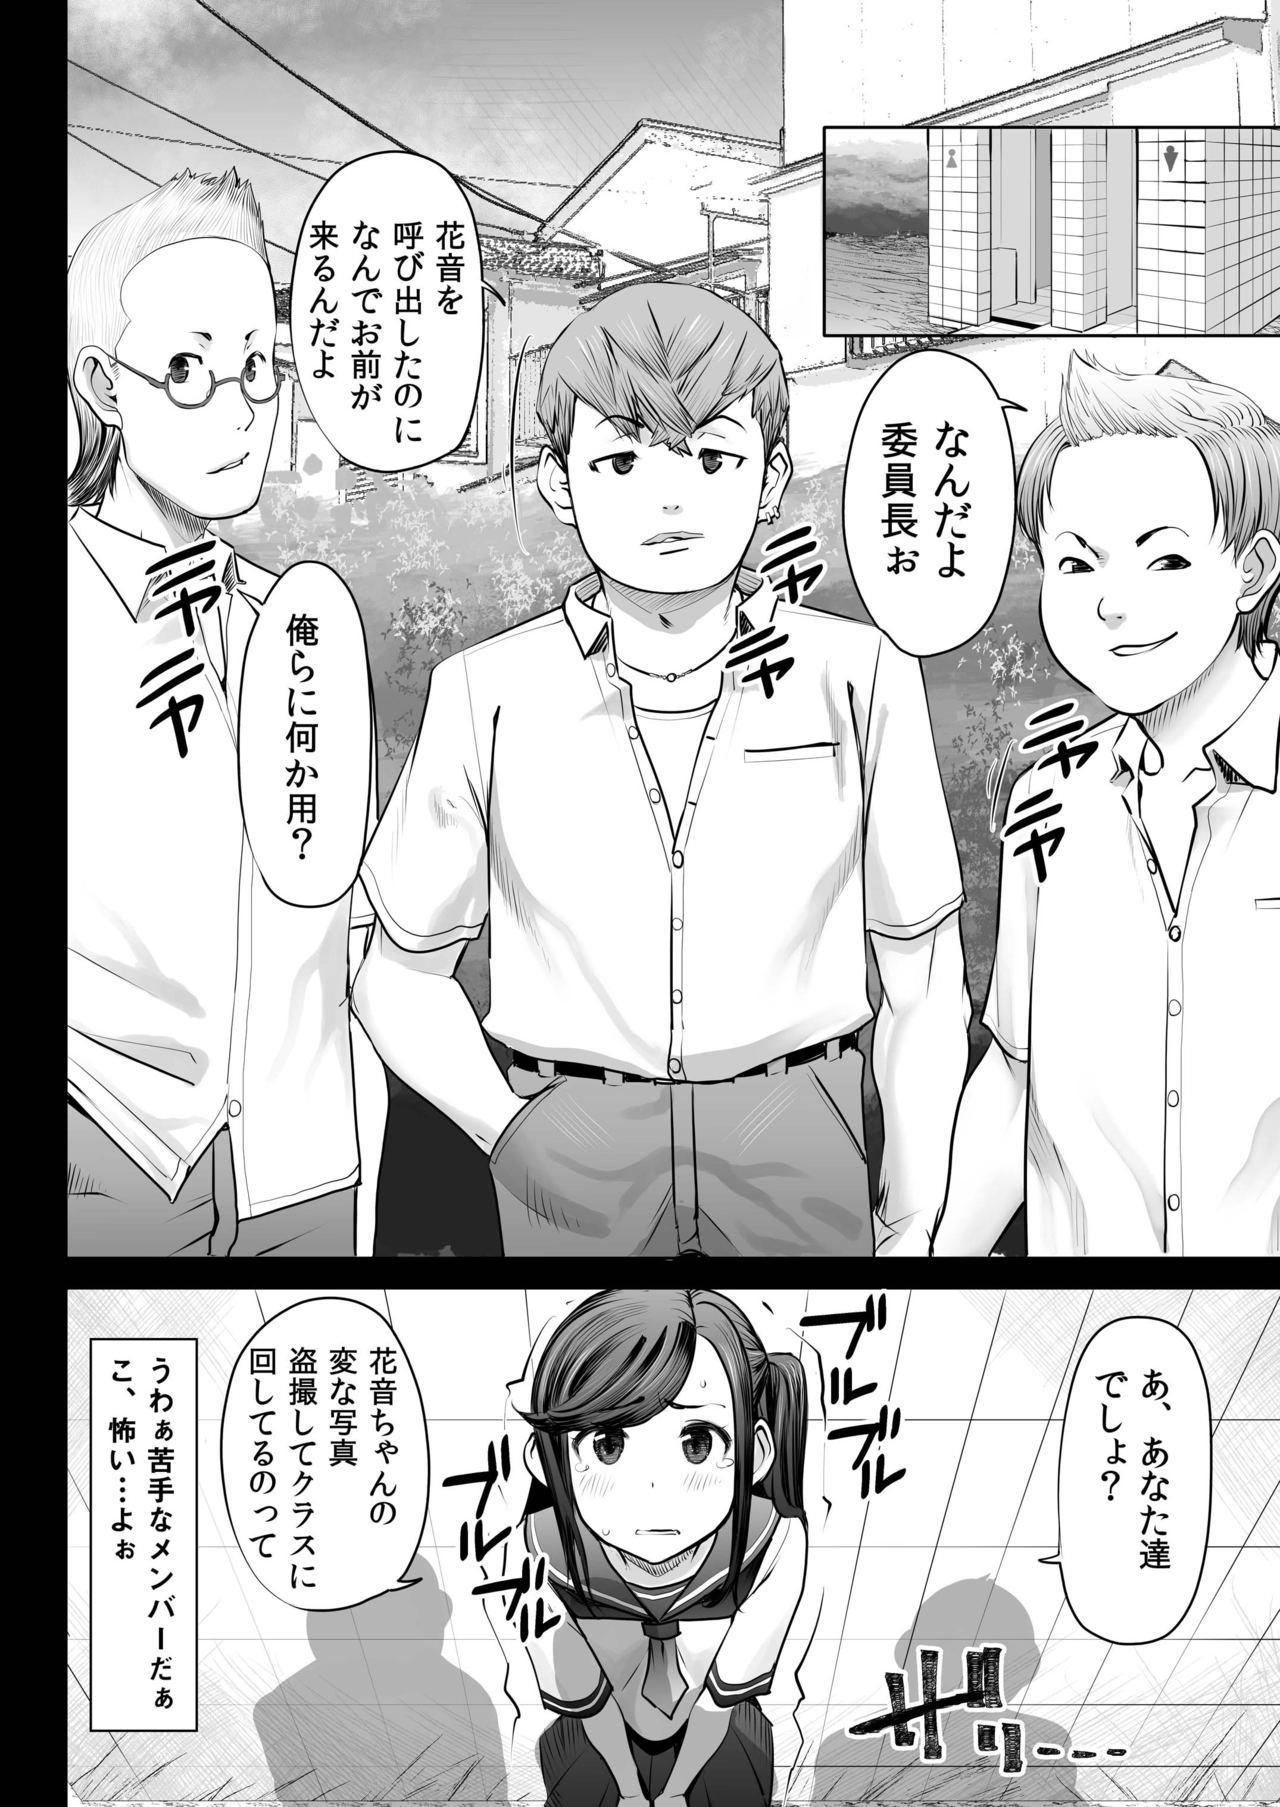 Aoi Tsubomi ga Saku Mae ni Hantoshi mae no deki-goto 5